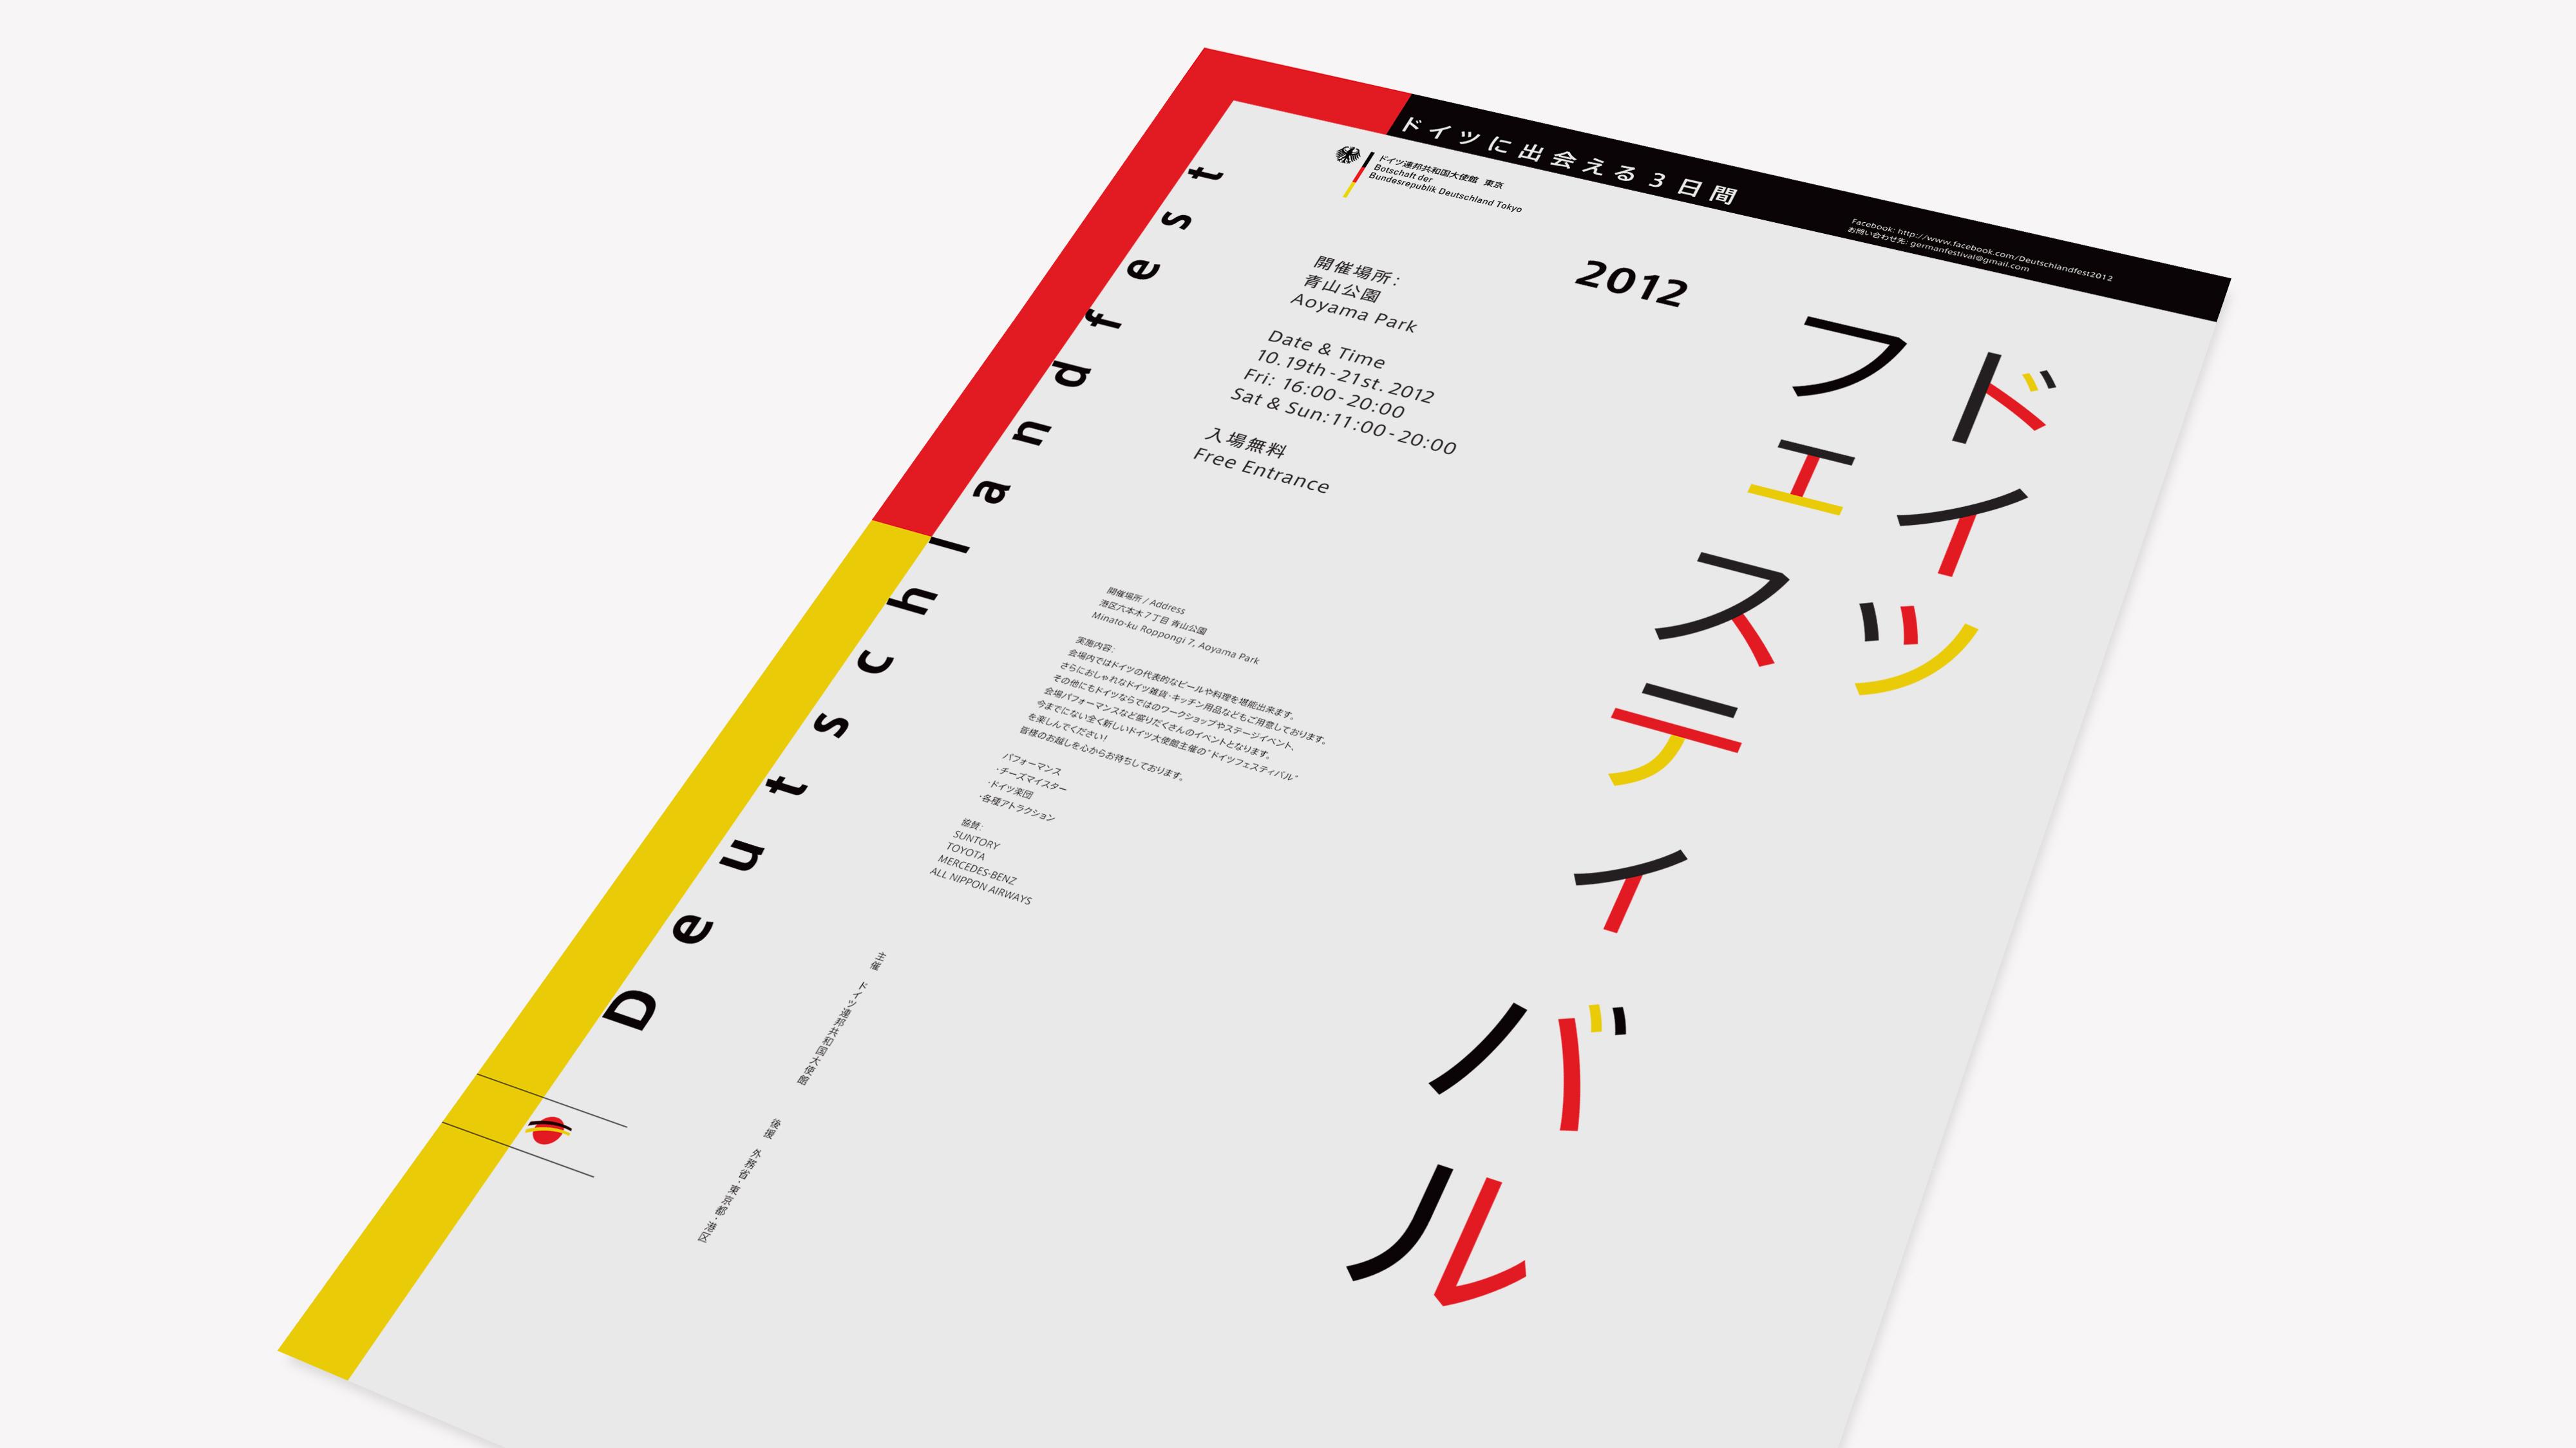 Deutschlandfest 2012